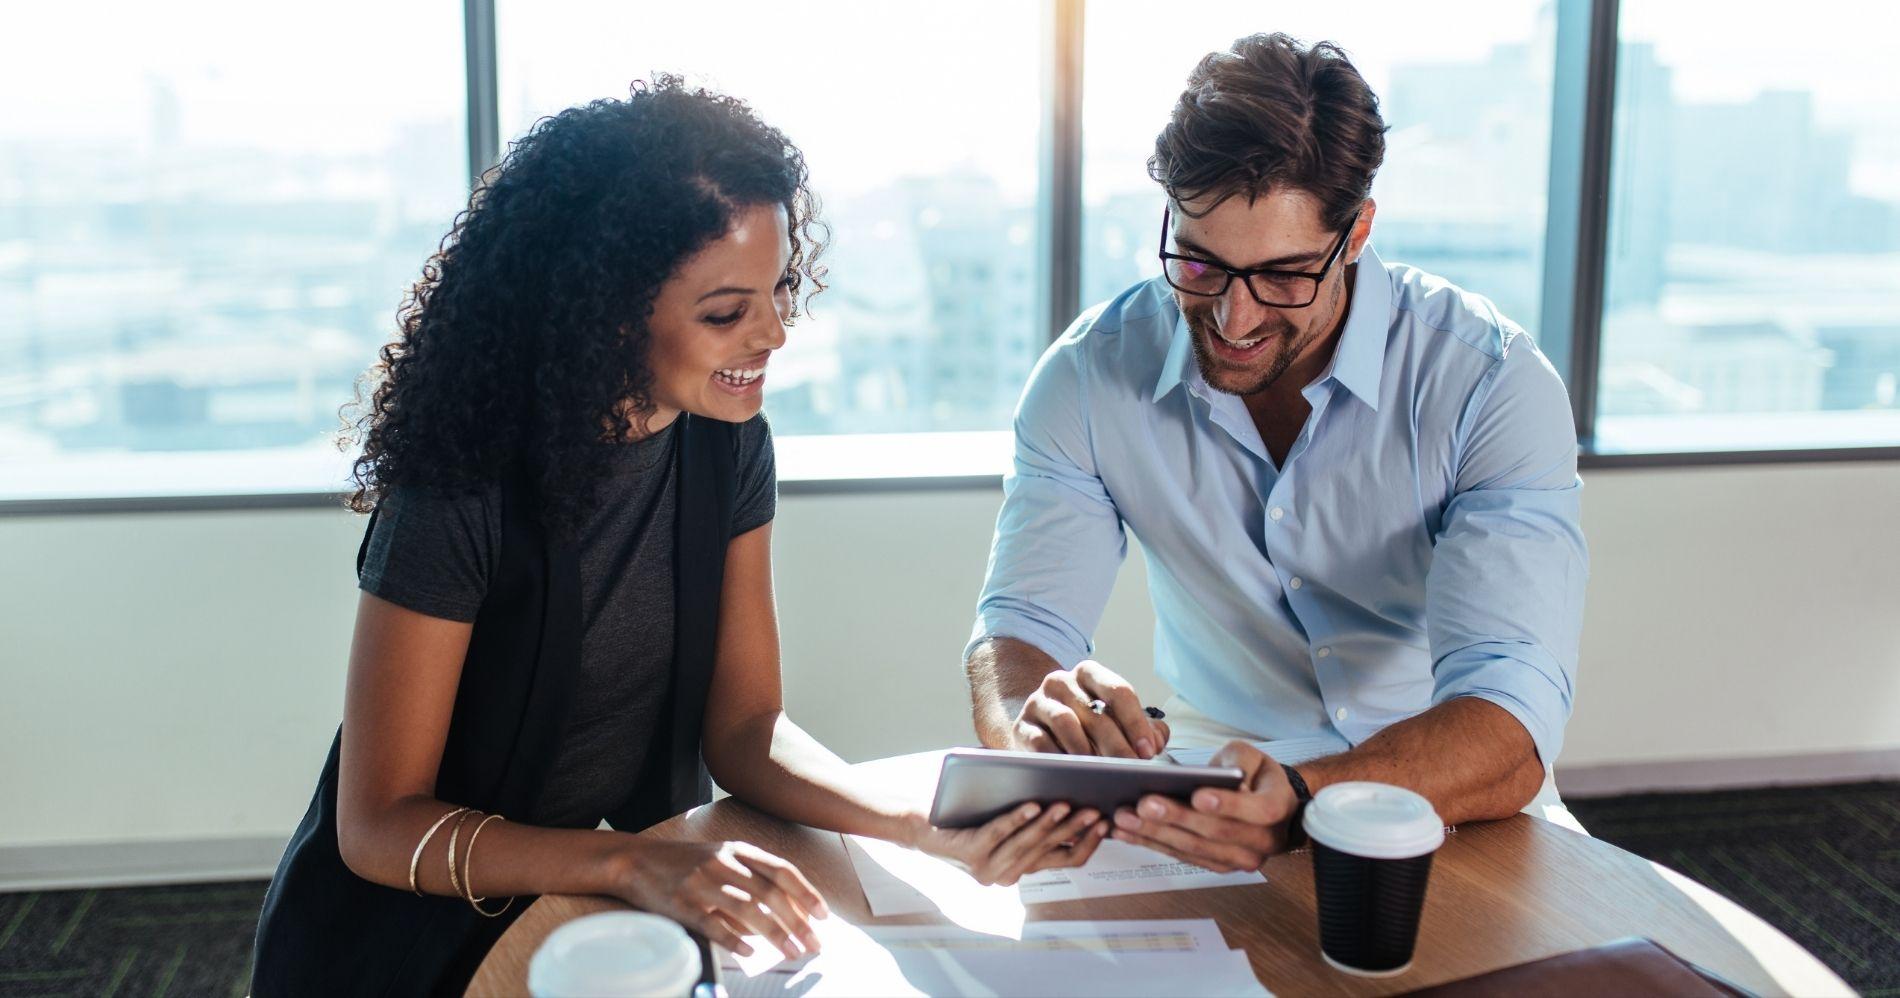 Bisnis Muda - Pendanaan Masih Optimis, Yuk Intip Cara ...